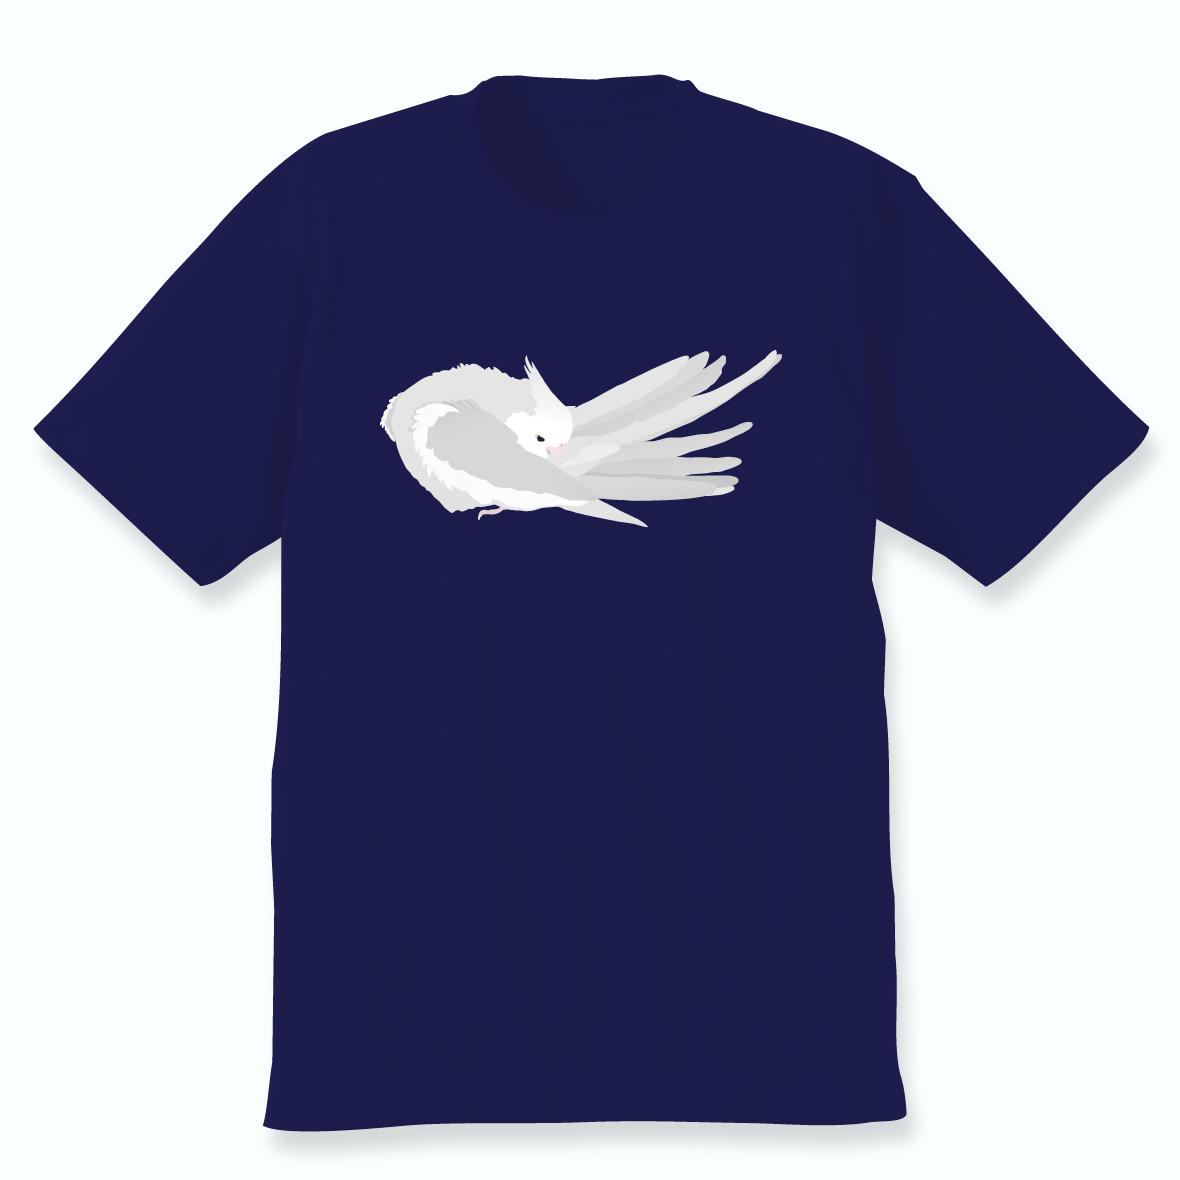 羽づくろうオカメインコTシャツ(ホワイトフェイス男の子)ネイビー